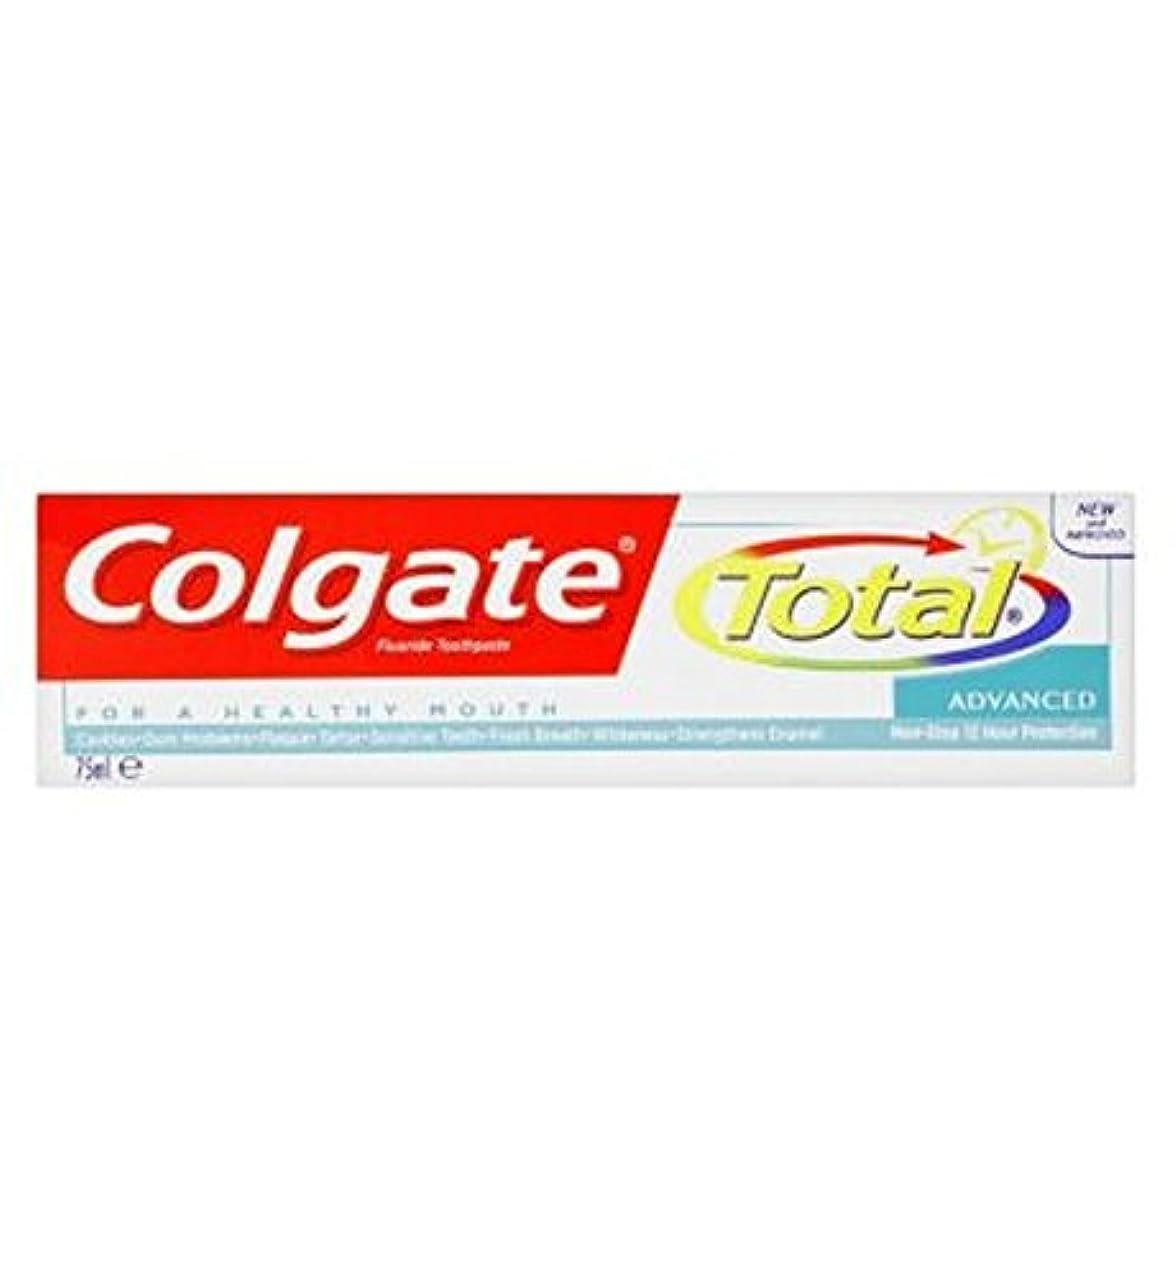 獲物移植南西コルゲートトータル高度な歯磨き粉75ミリリットル (Colgate) (x2) - Colgate Total Advanced toothpaste 75ml (Pack of 2) [並行輸入品]